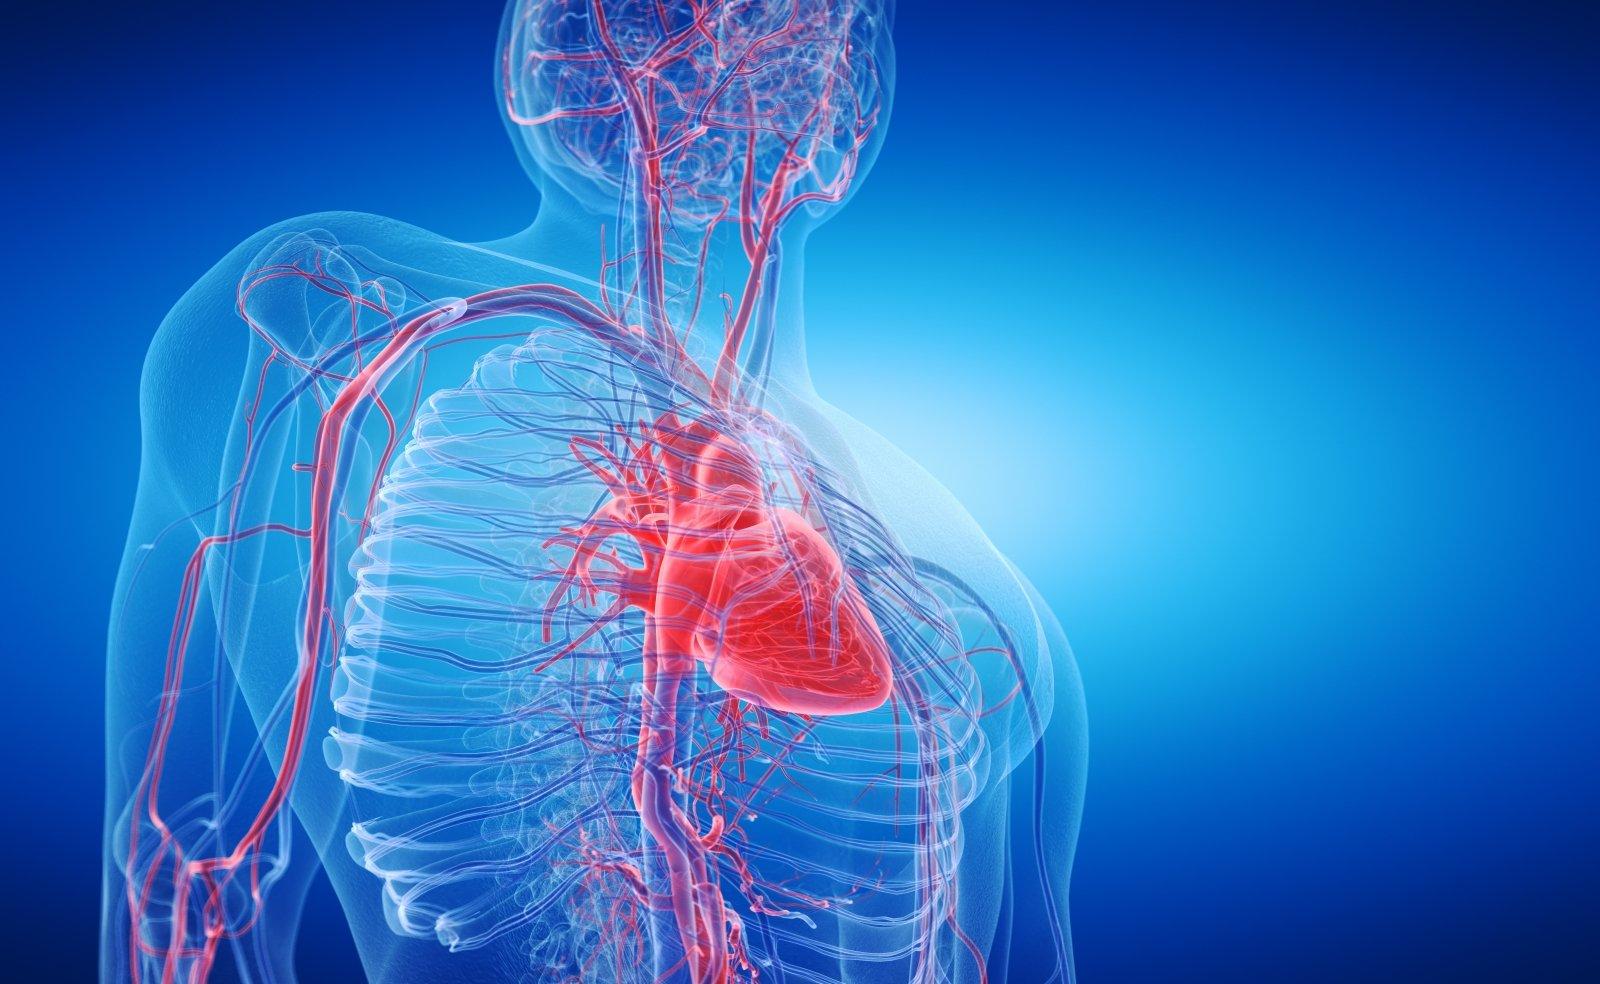 galvos širdis rankų sveikata 4